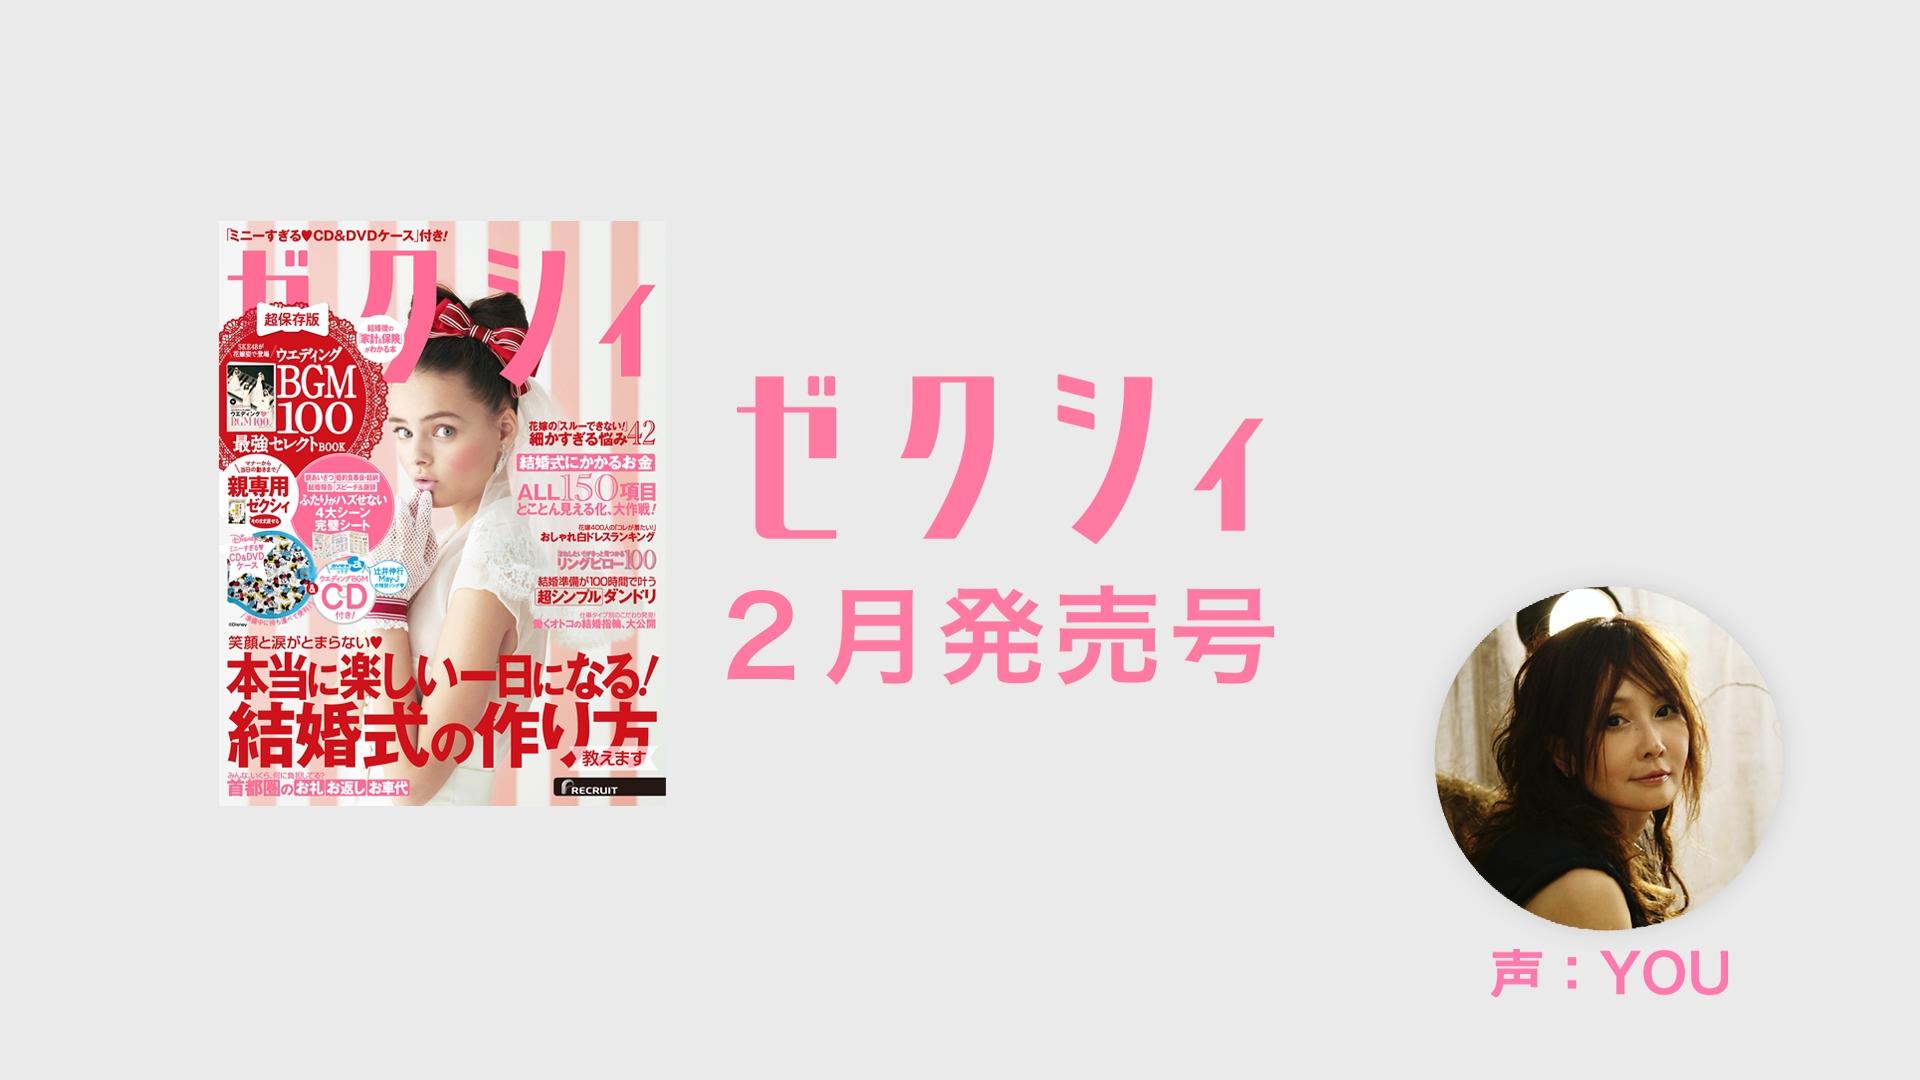 2gatu_01.jpg